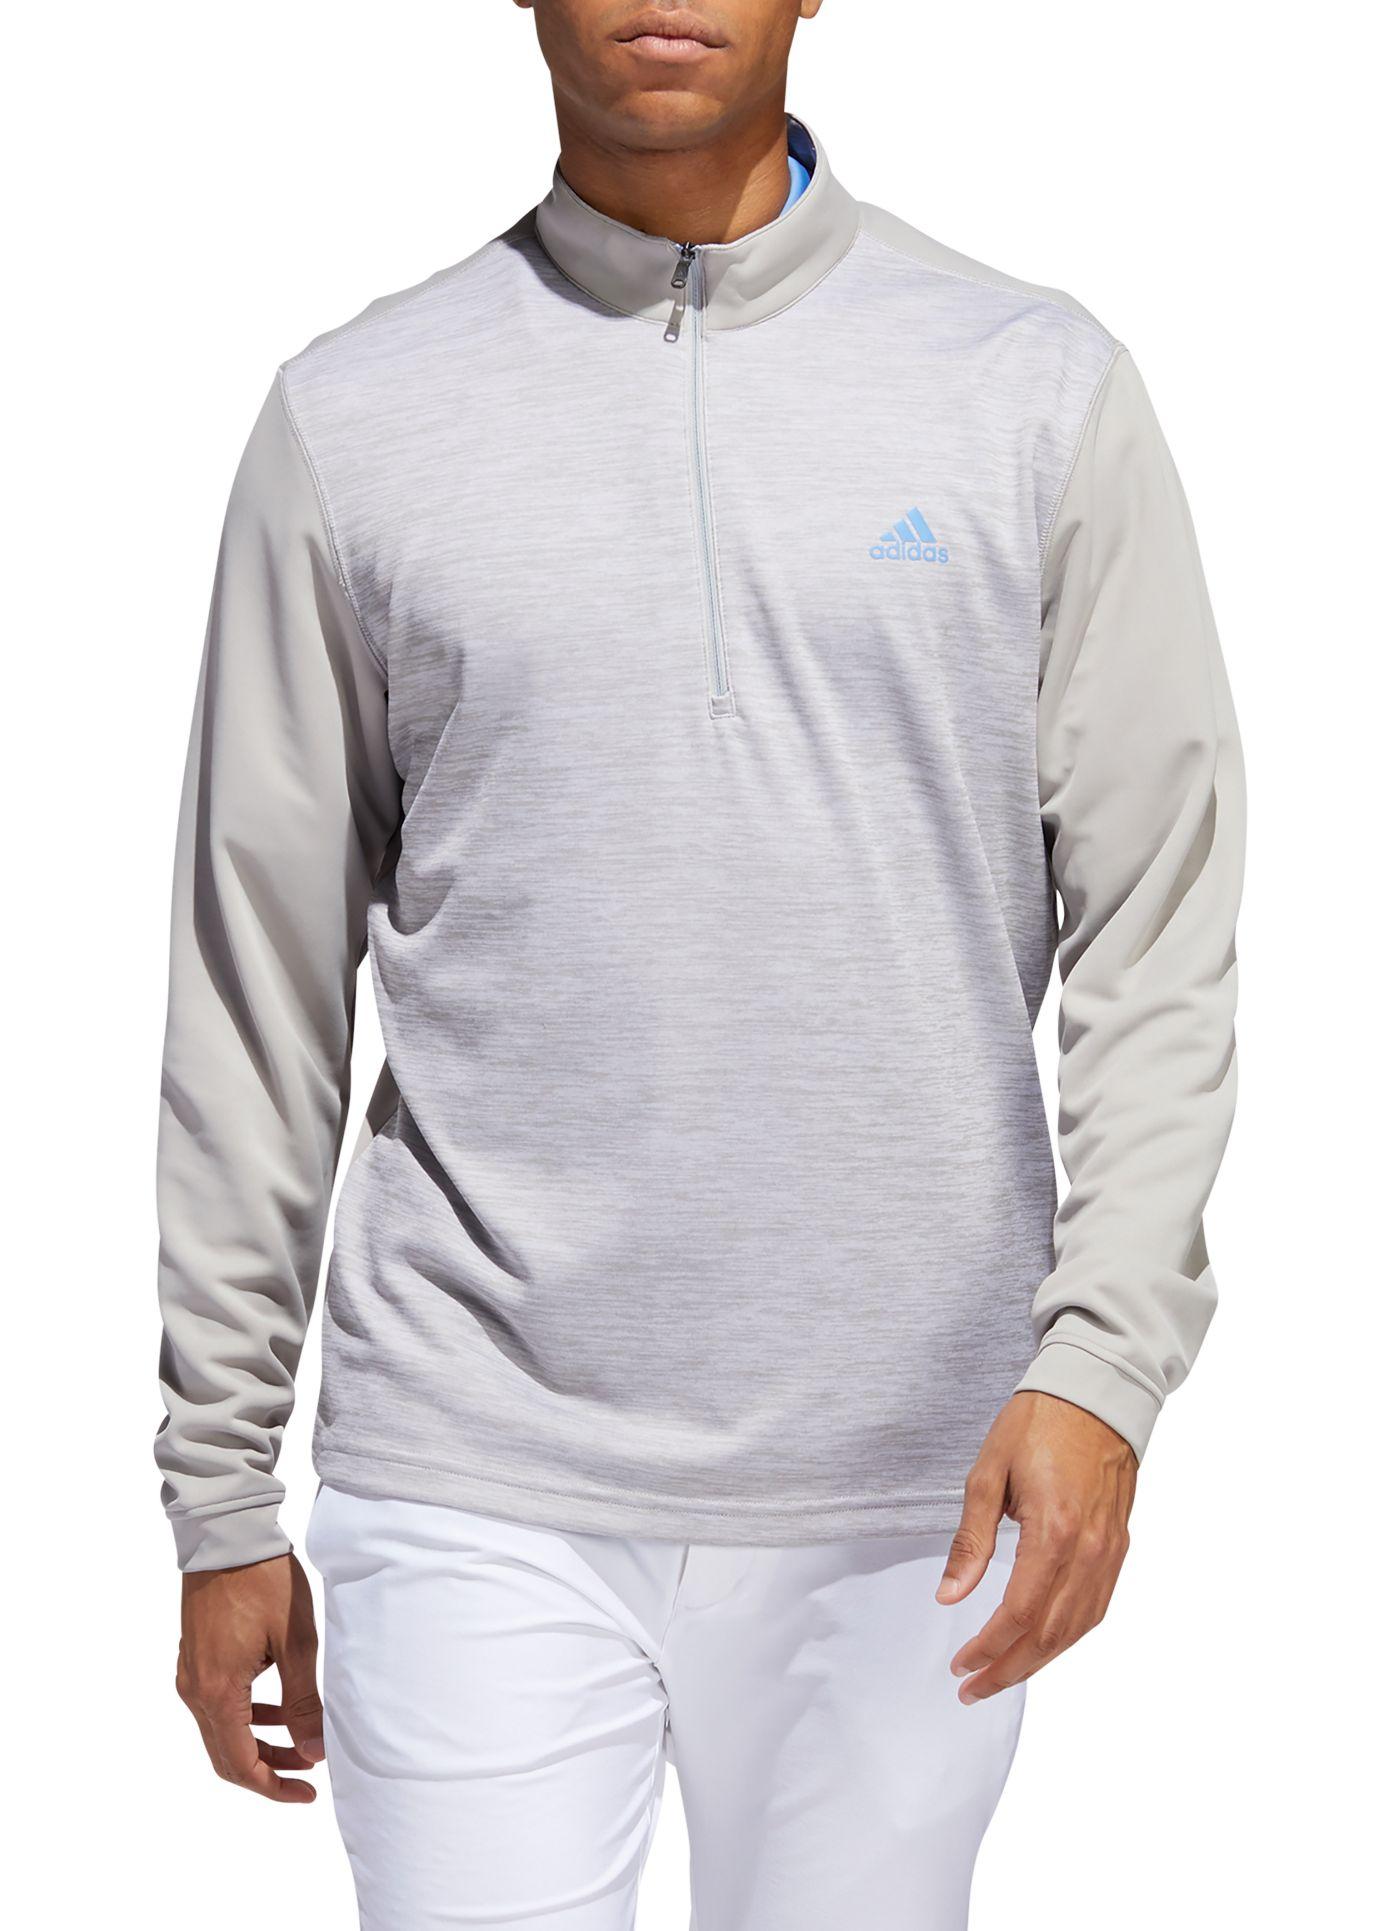 adidas Men's Core Golf ¼ Zip